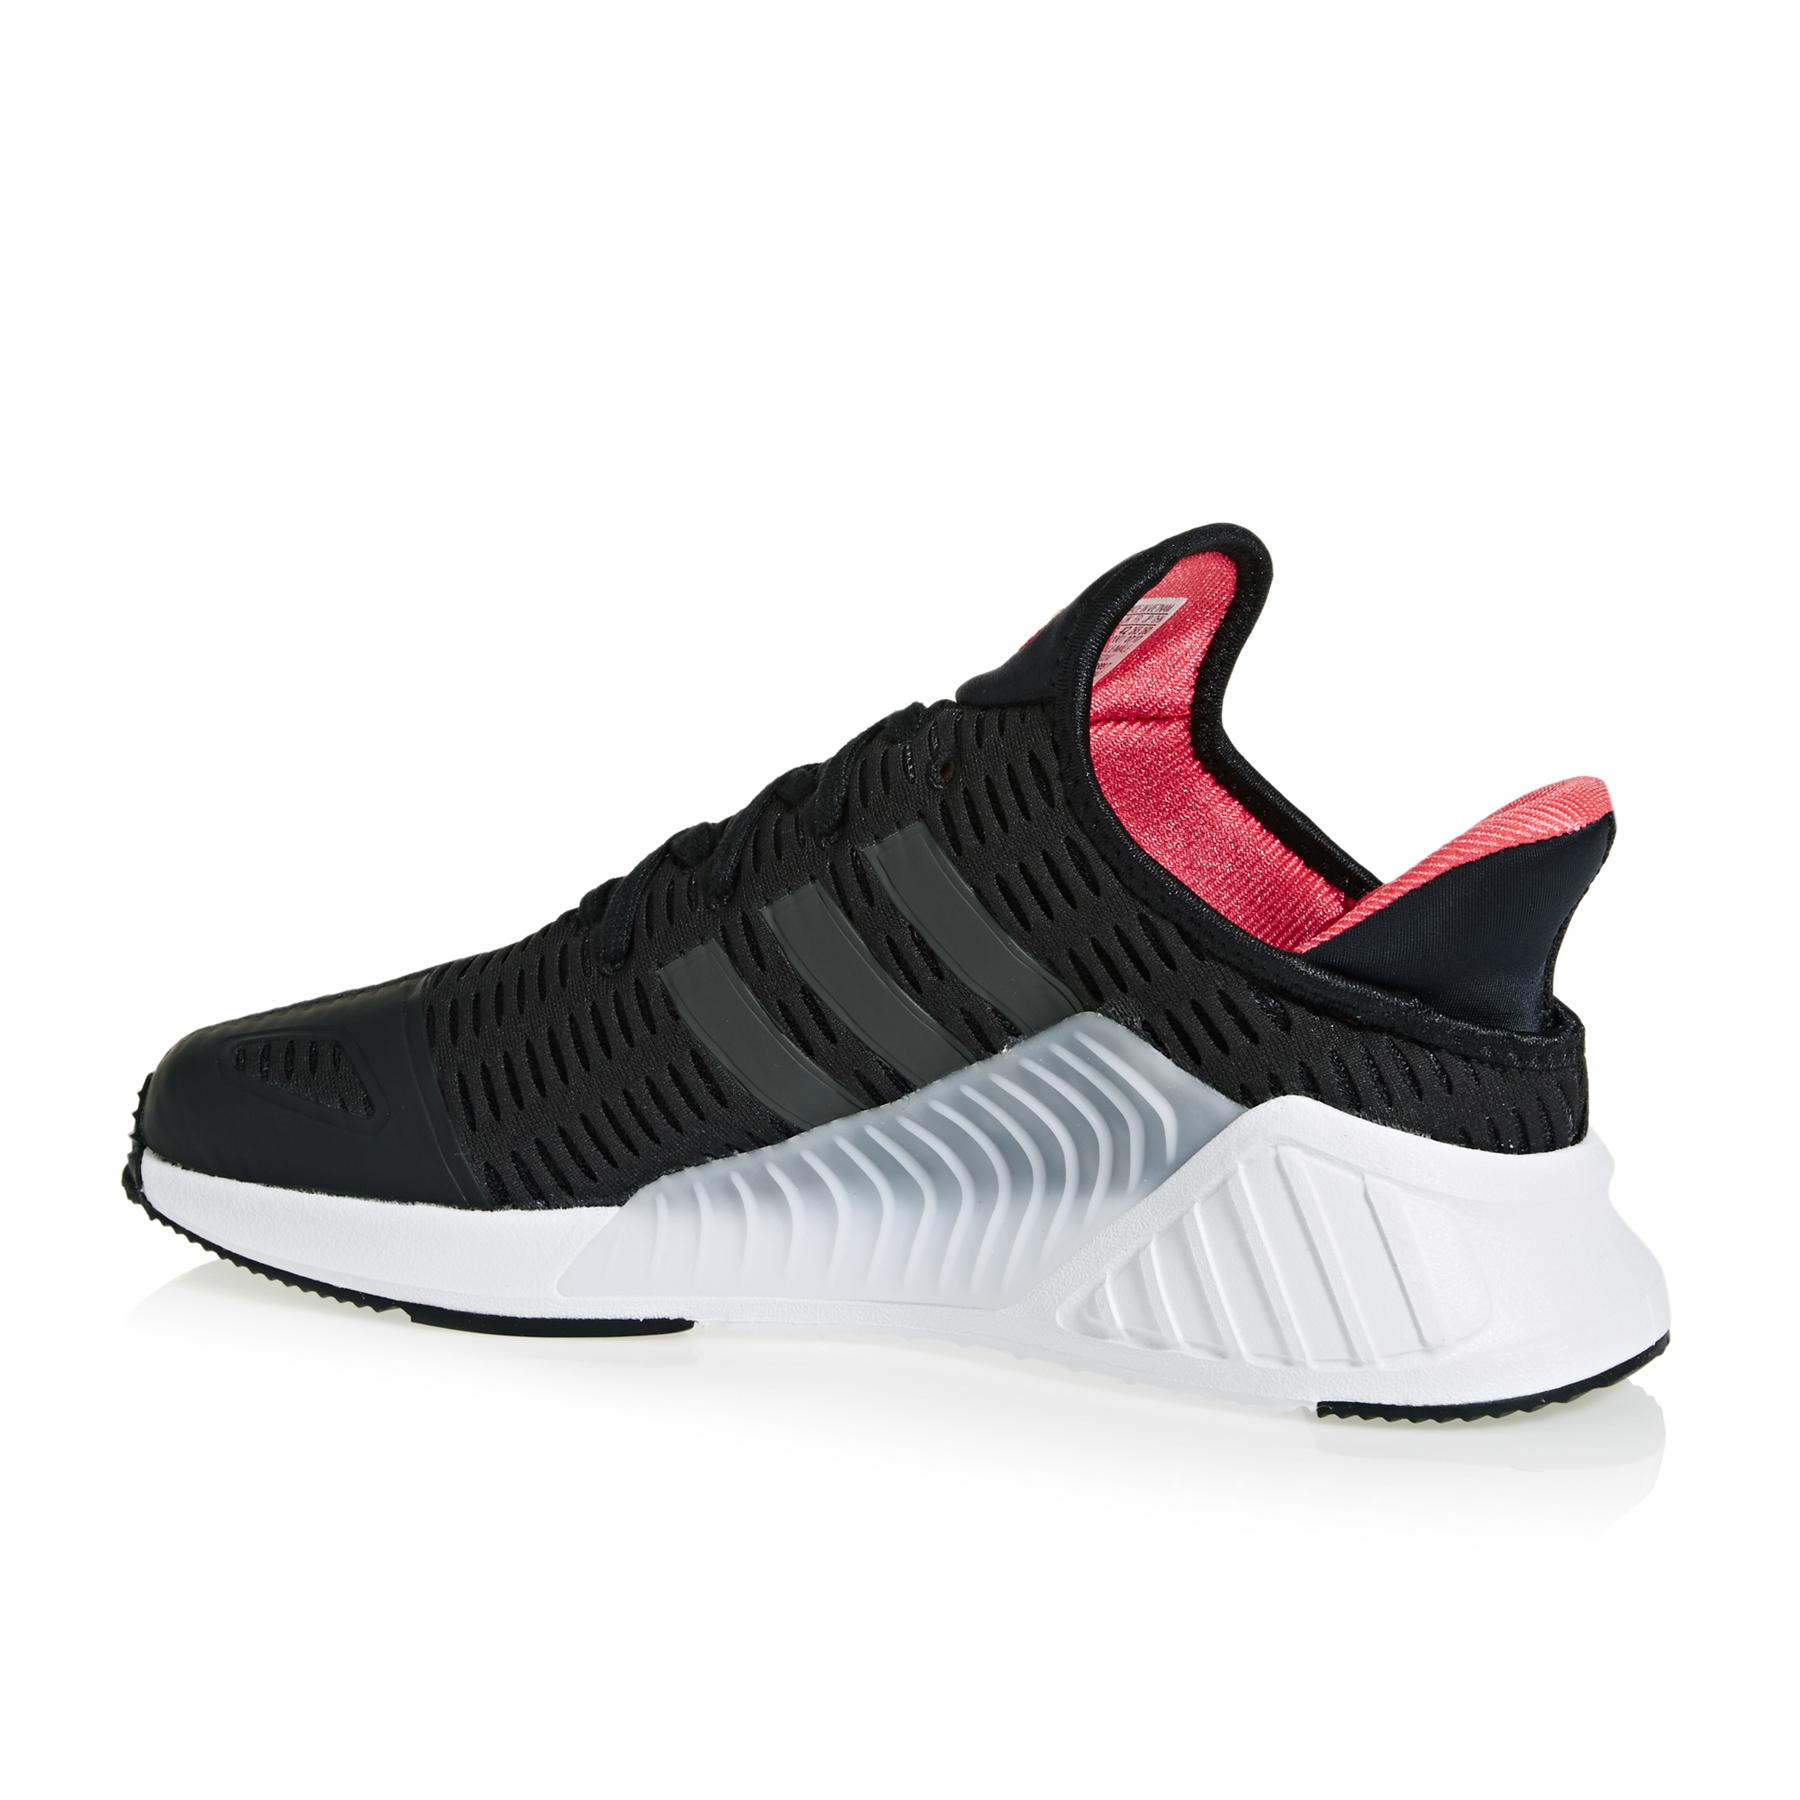 Adidas Originals Climacool 0217